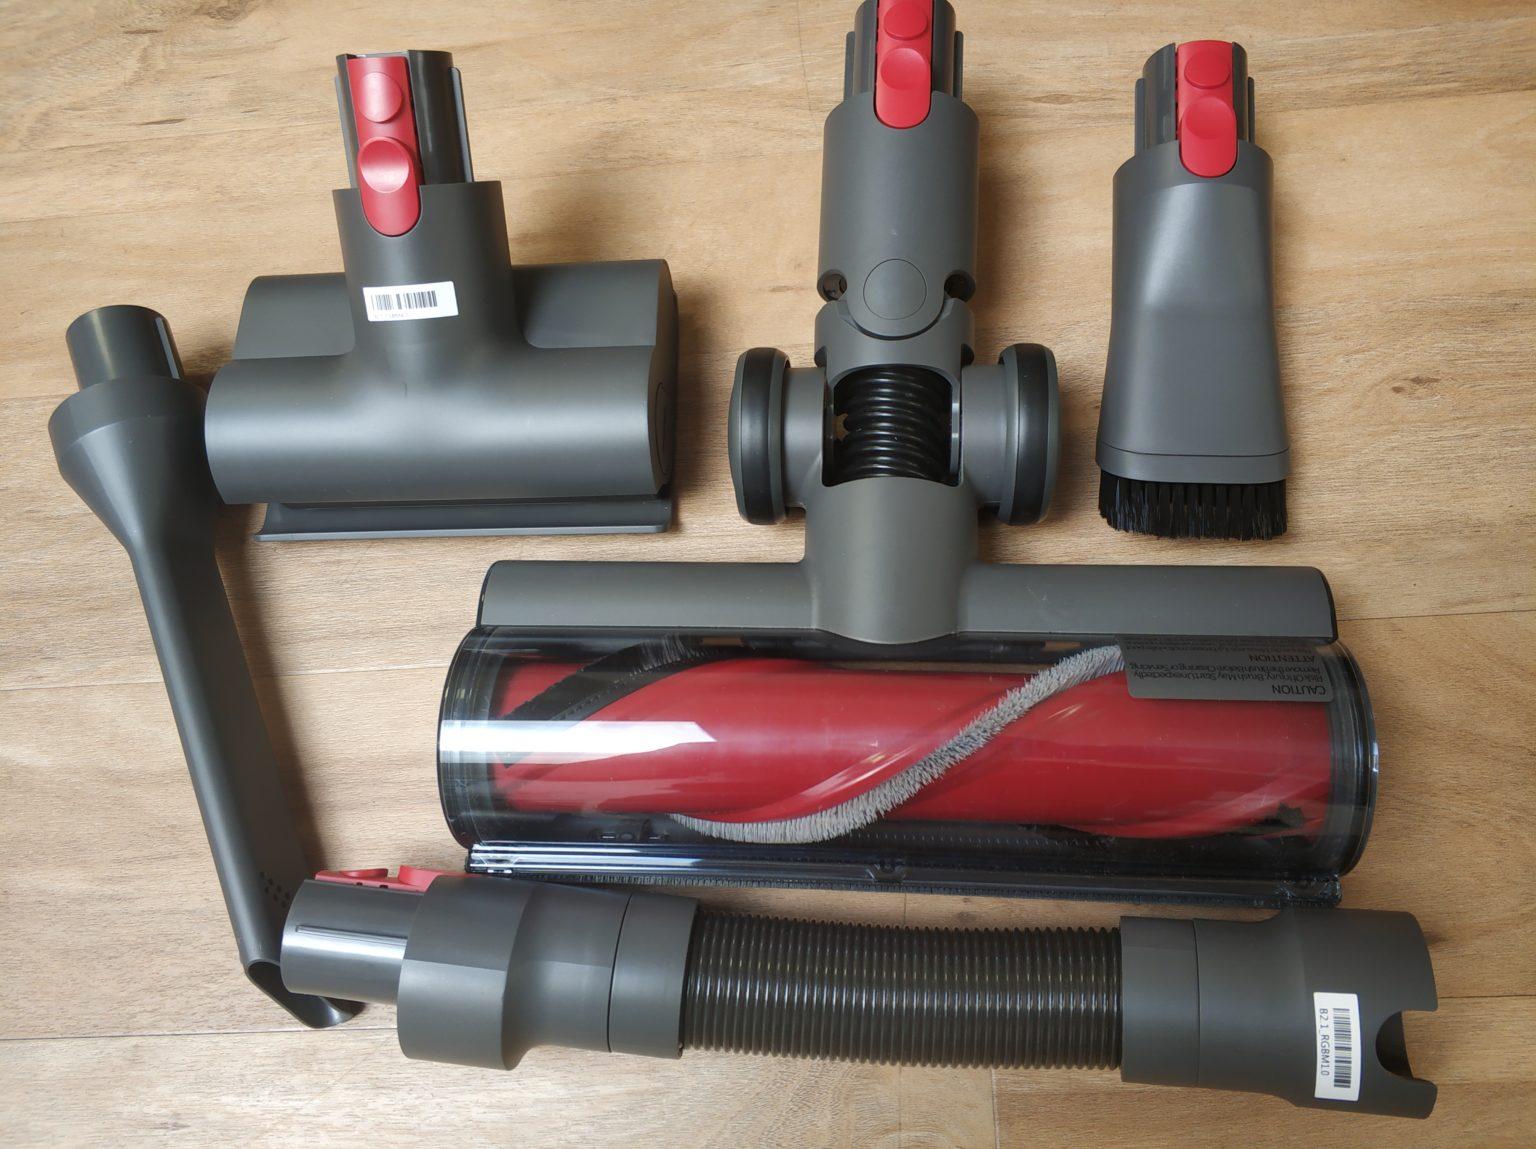 Accesorios de limpieza de la aspiradora inalámbrica Roborock H6